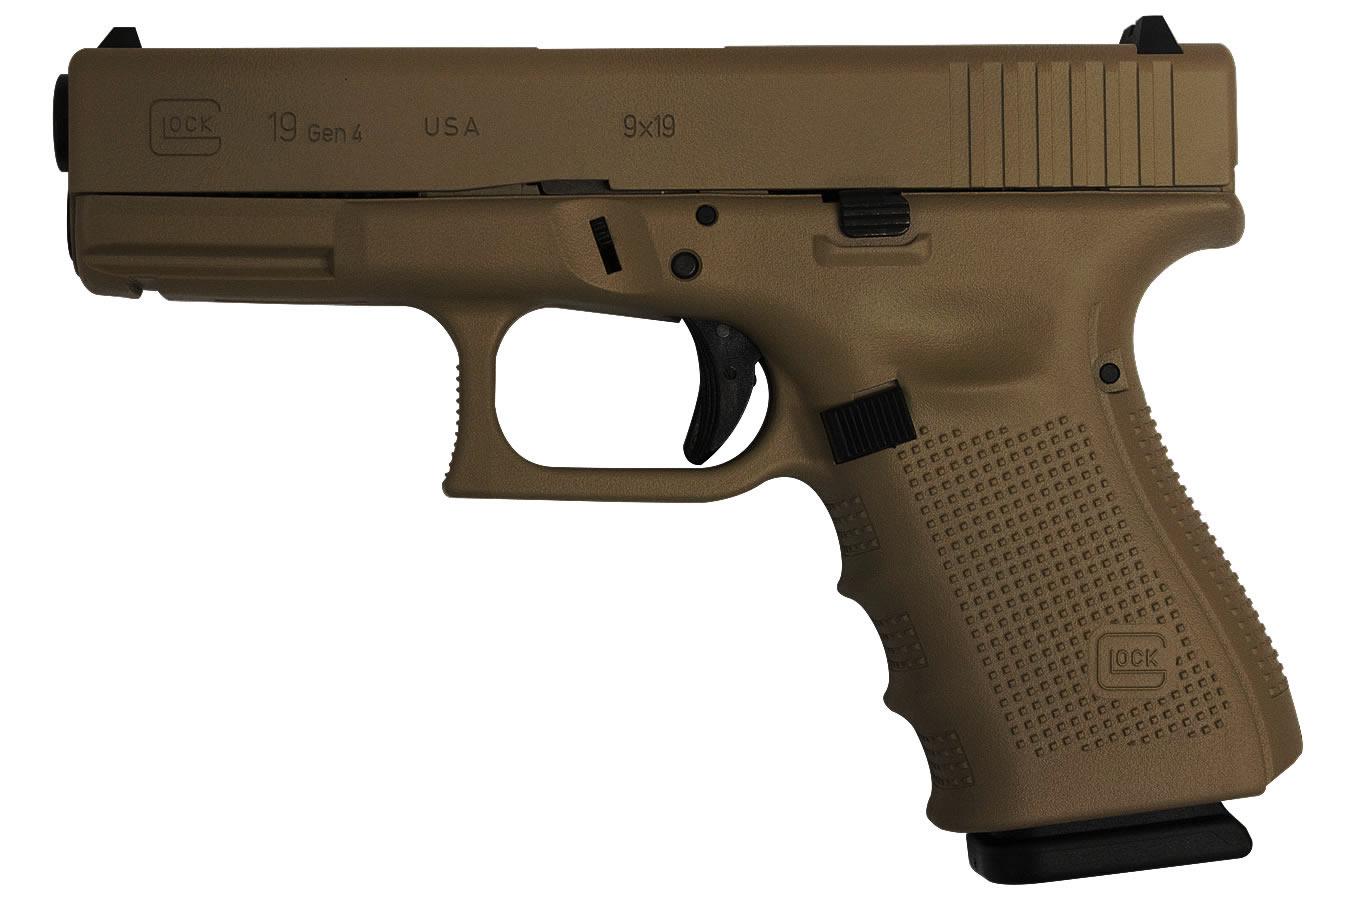 Glock 19 Gen4 9mm 15 Round Pistol With Hot Cerakote Burnt Bronze